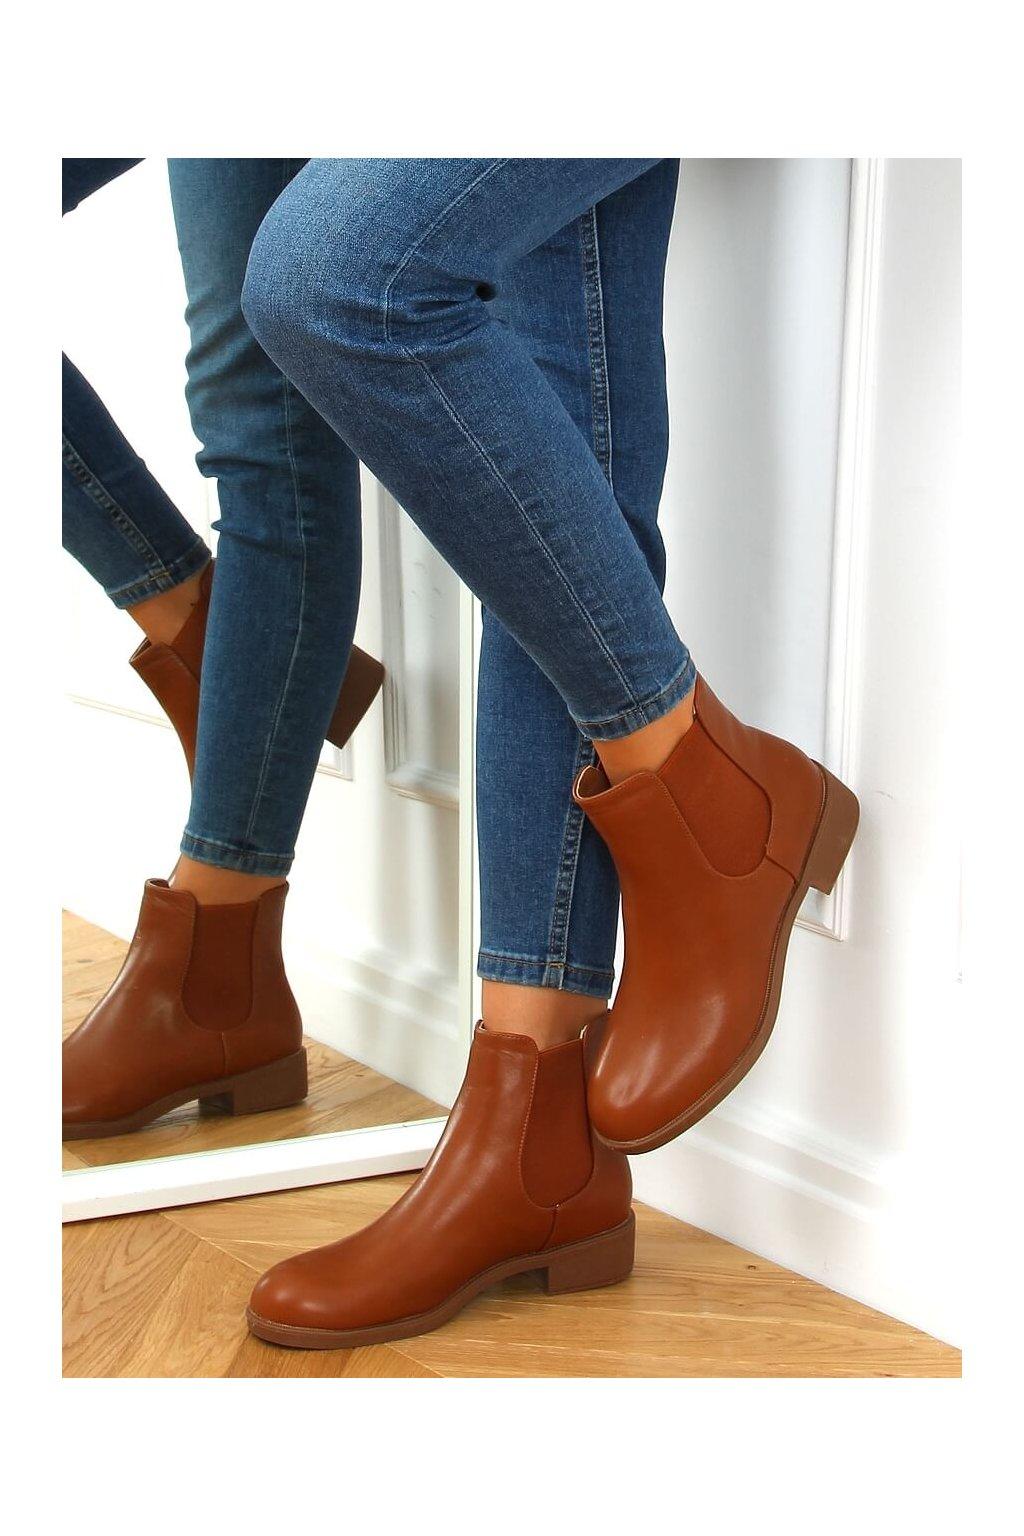 Dámske členkové topánky hnedé na plochom podpätku 6217